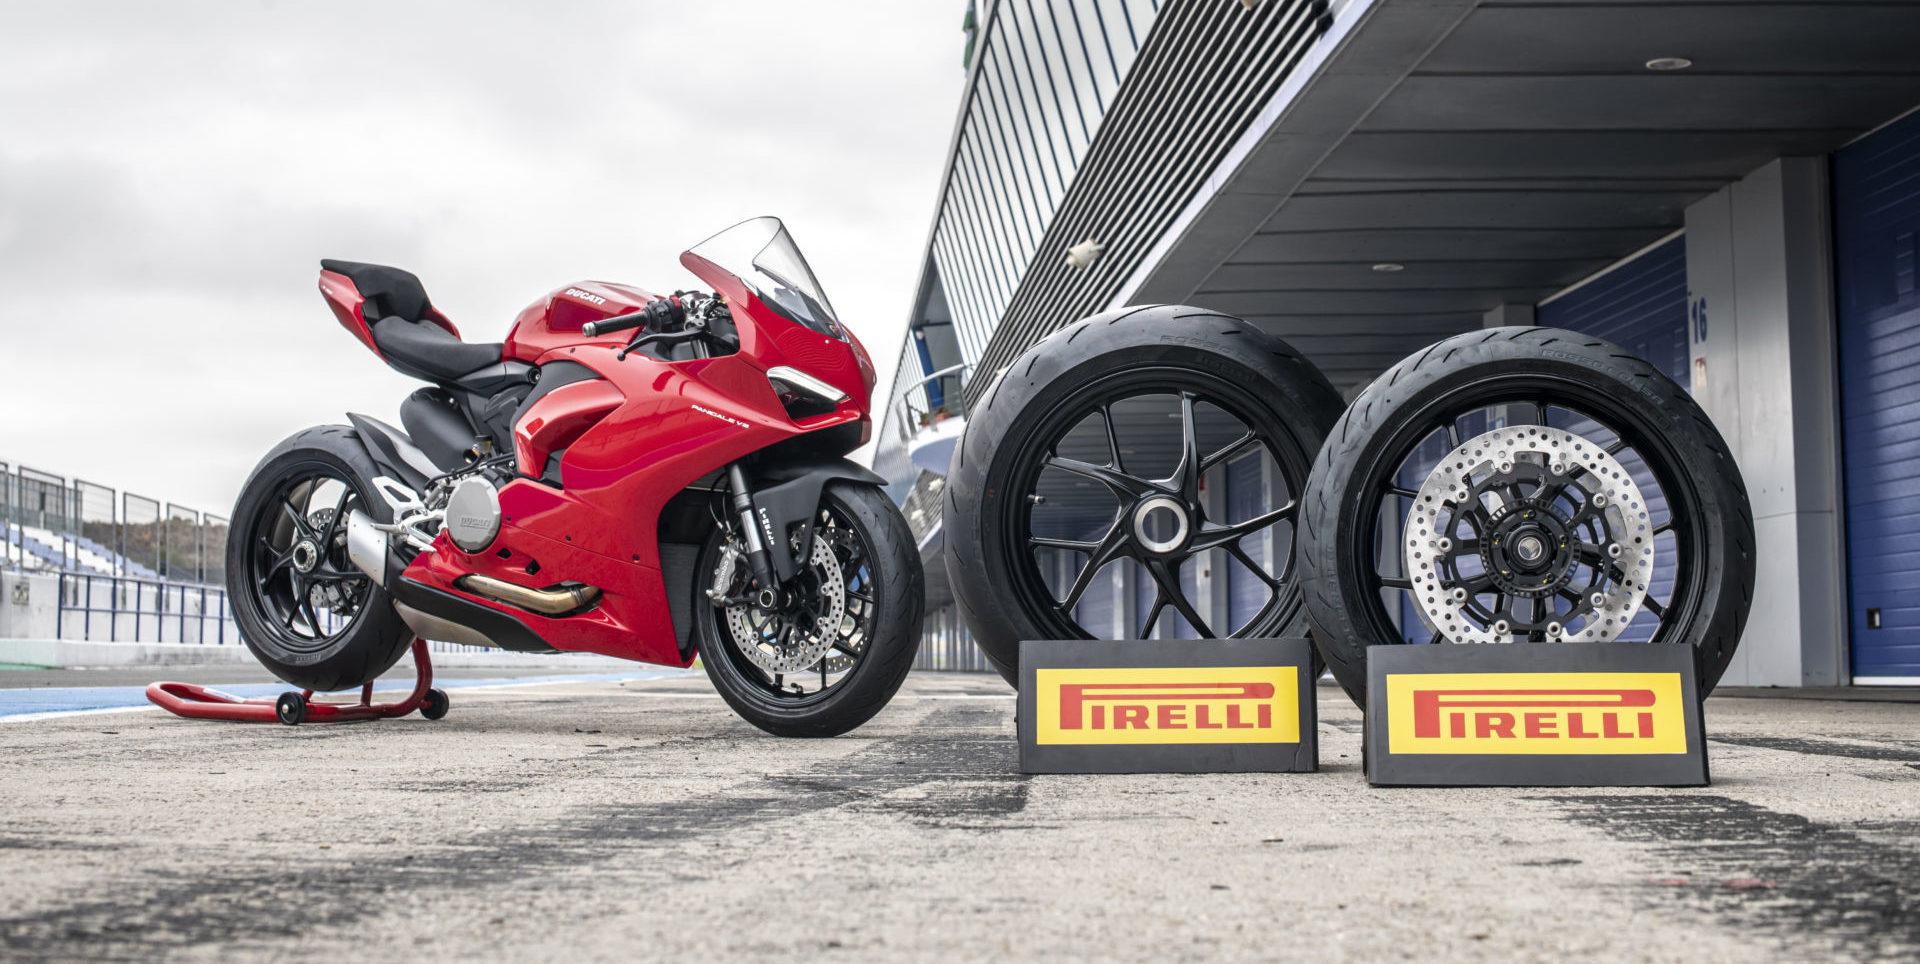 A 2020 Ducati Panigale V2 and Pirelli Diablo Rosso Corsa II tires. Photo courtesy of Pirelli.